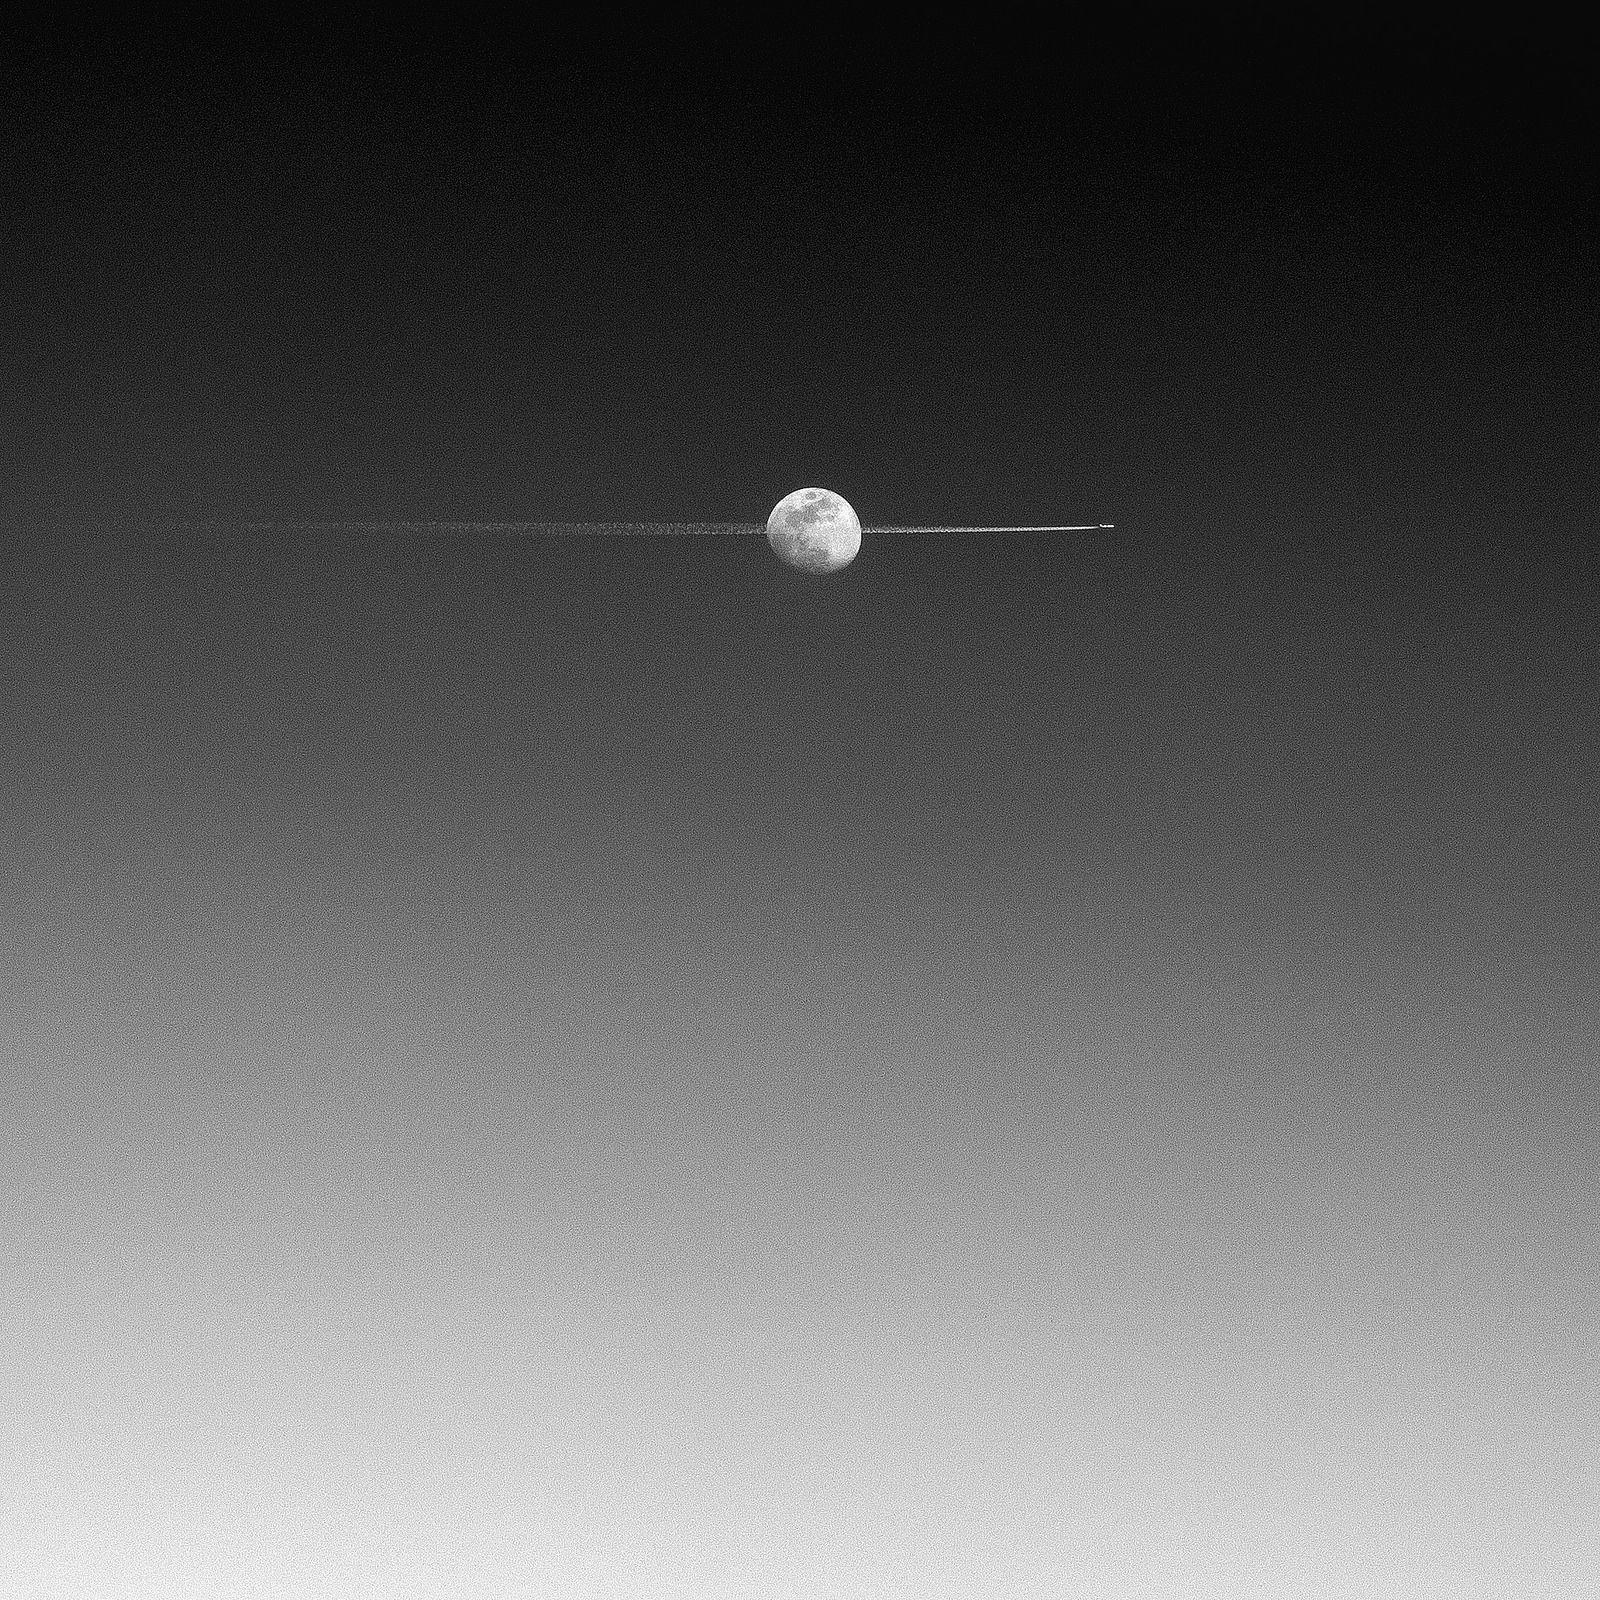 Le Voyage Dans La Lune Photographers And Photography